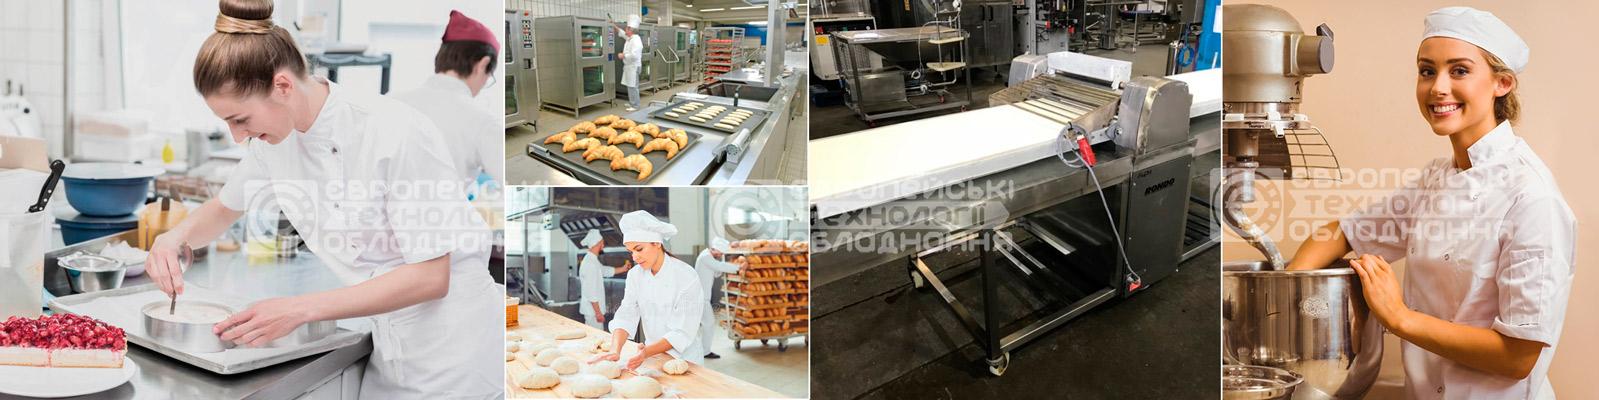 Специализированное хлебопекарное и кондитерское оборудование